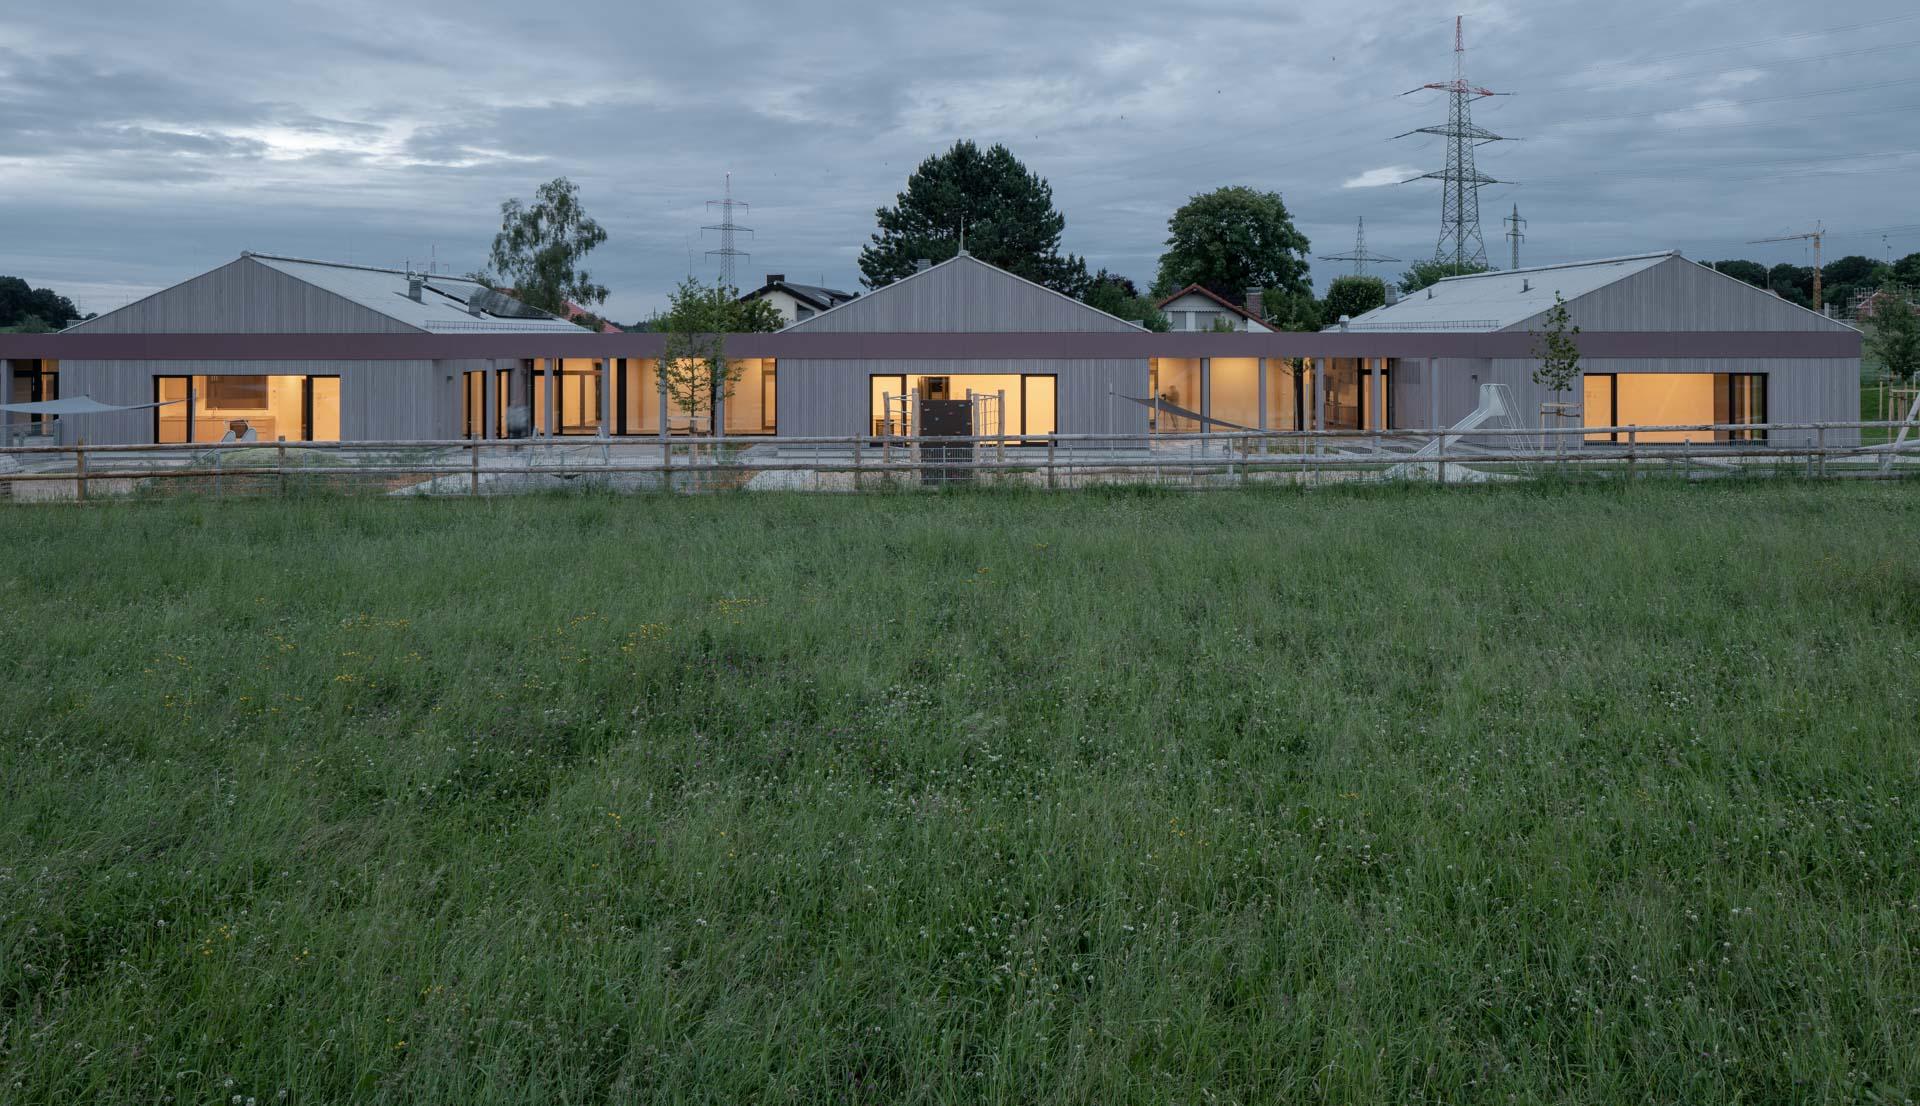 Perchting_Kinderhaus50_2k